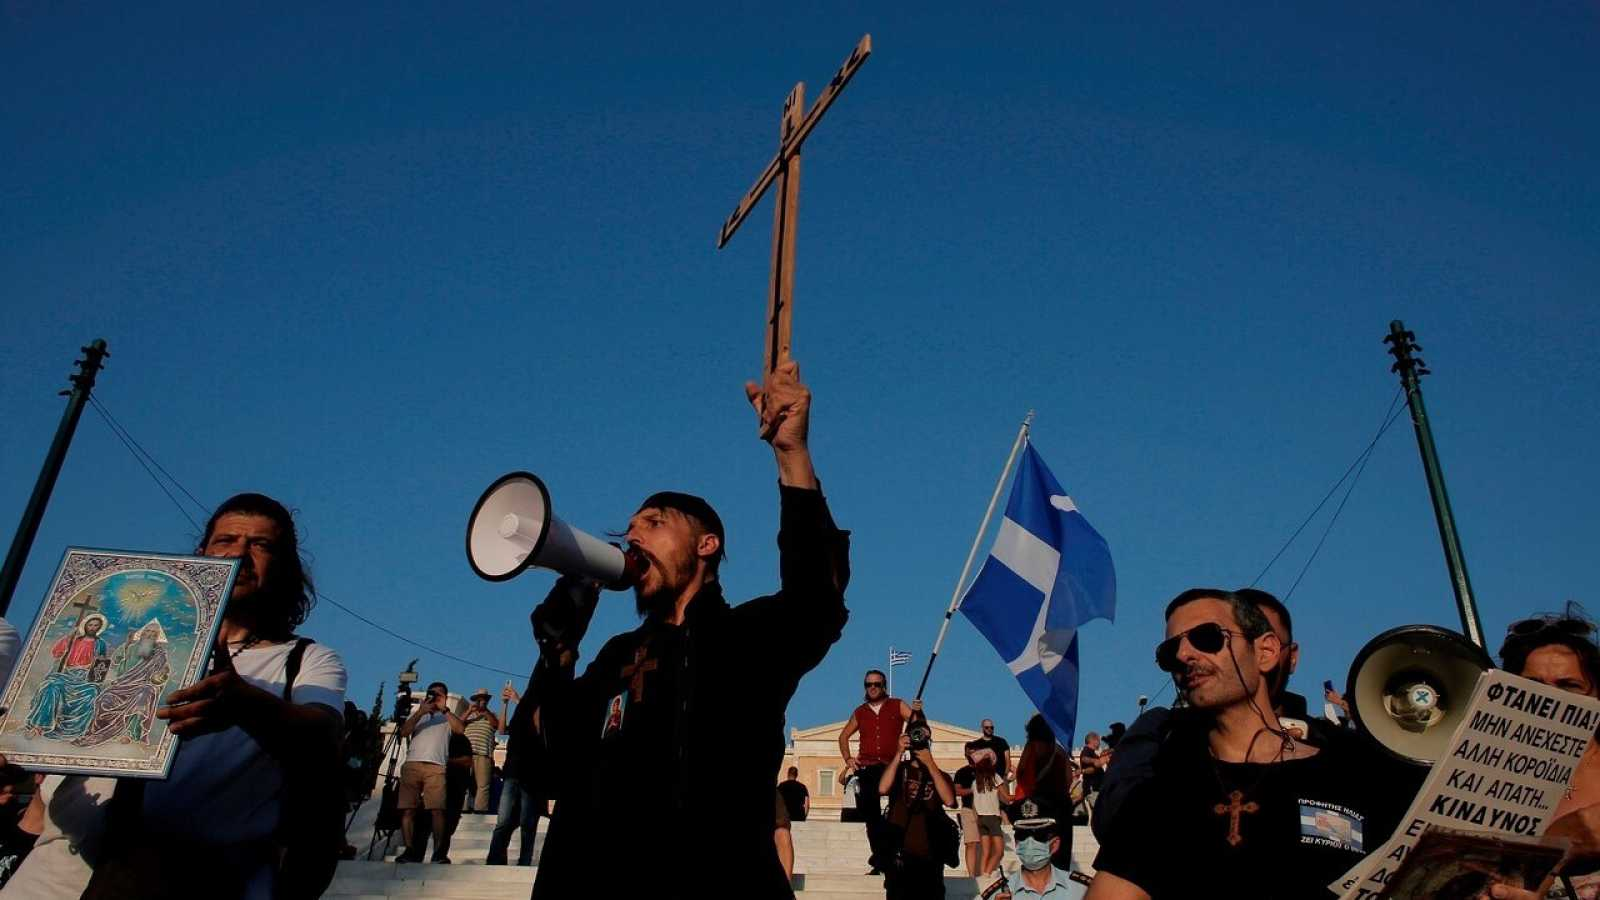 La vacunación obligatoria provoca protestas en Grecia